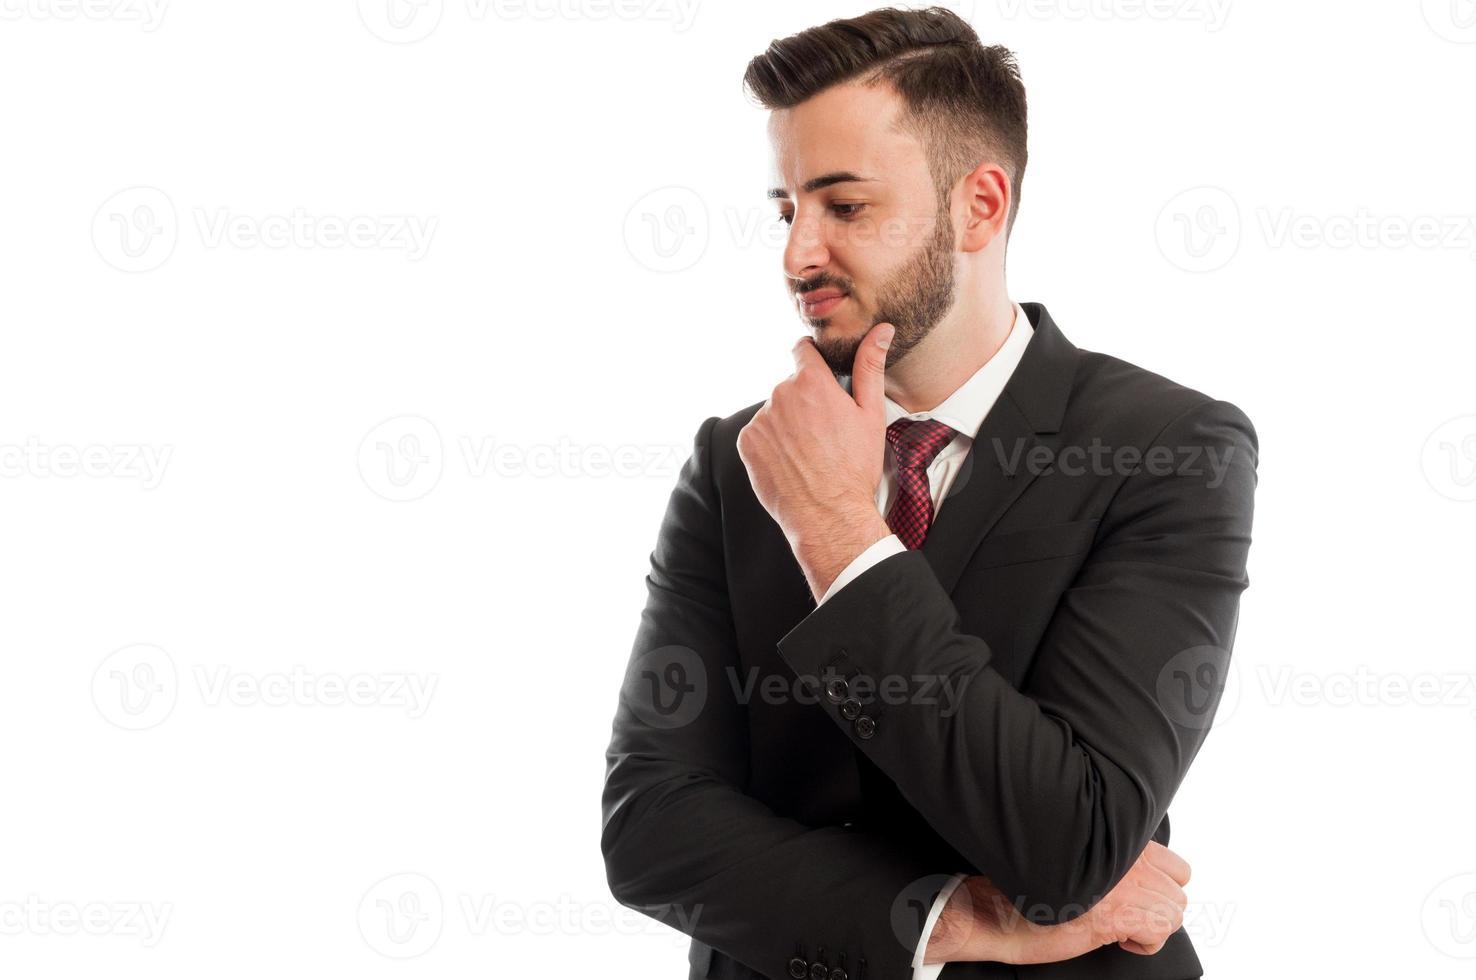 enttäuschter Geschäftsmann foto